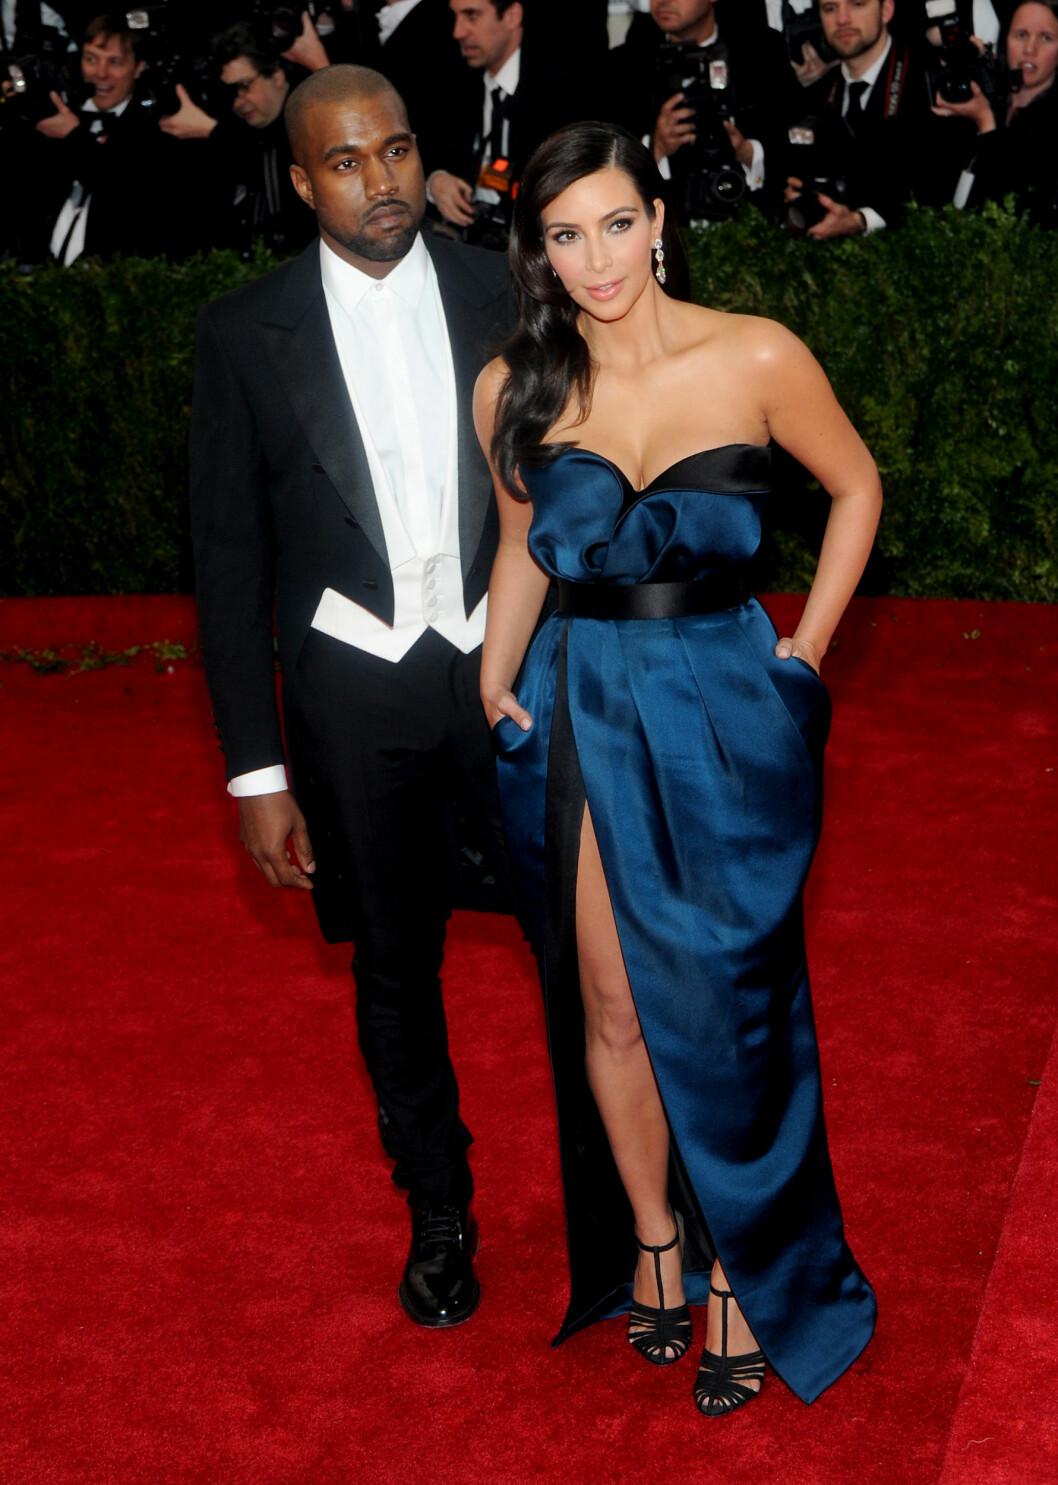 OVERDÅDIG: På Kims bursdag i oktober i fjor leide Kanye West en baseball-arena og gikk ned på kne. Bryllupet 24. mai er forventet å være overdådig og luksuriøst.  Pictured: Kanye West and Kim Kardashian Ref: SPL748585  050515   Picture by: Jackie Brown / Splash News  Splash News and Pictures Los Angeles:310-821-2666 New York:212-619-2666 London:870-934-2666 photodesk@splashnews.com  Foto: Jackie Brown / Splash News/ All Over Press